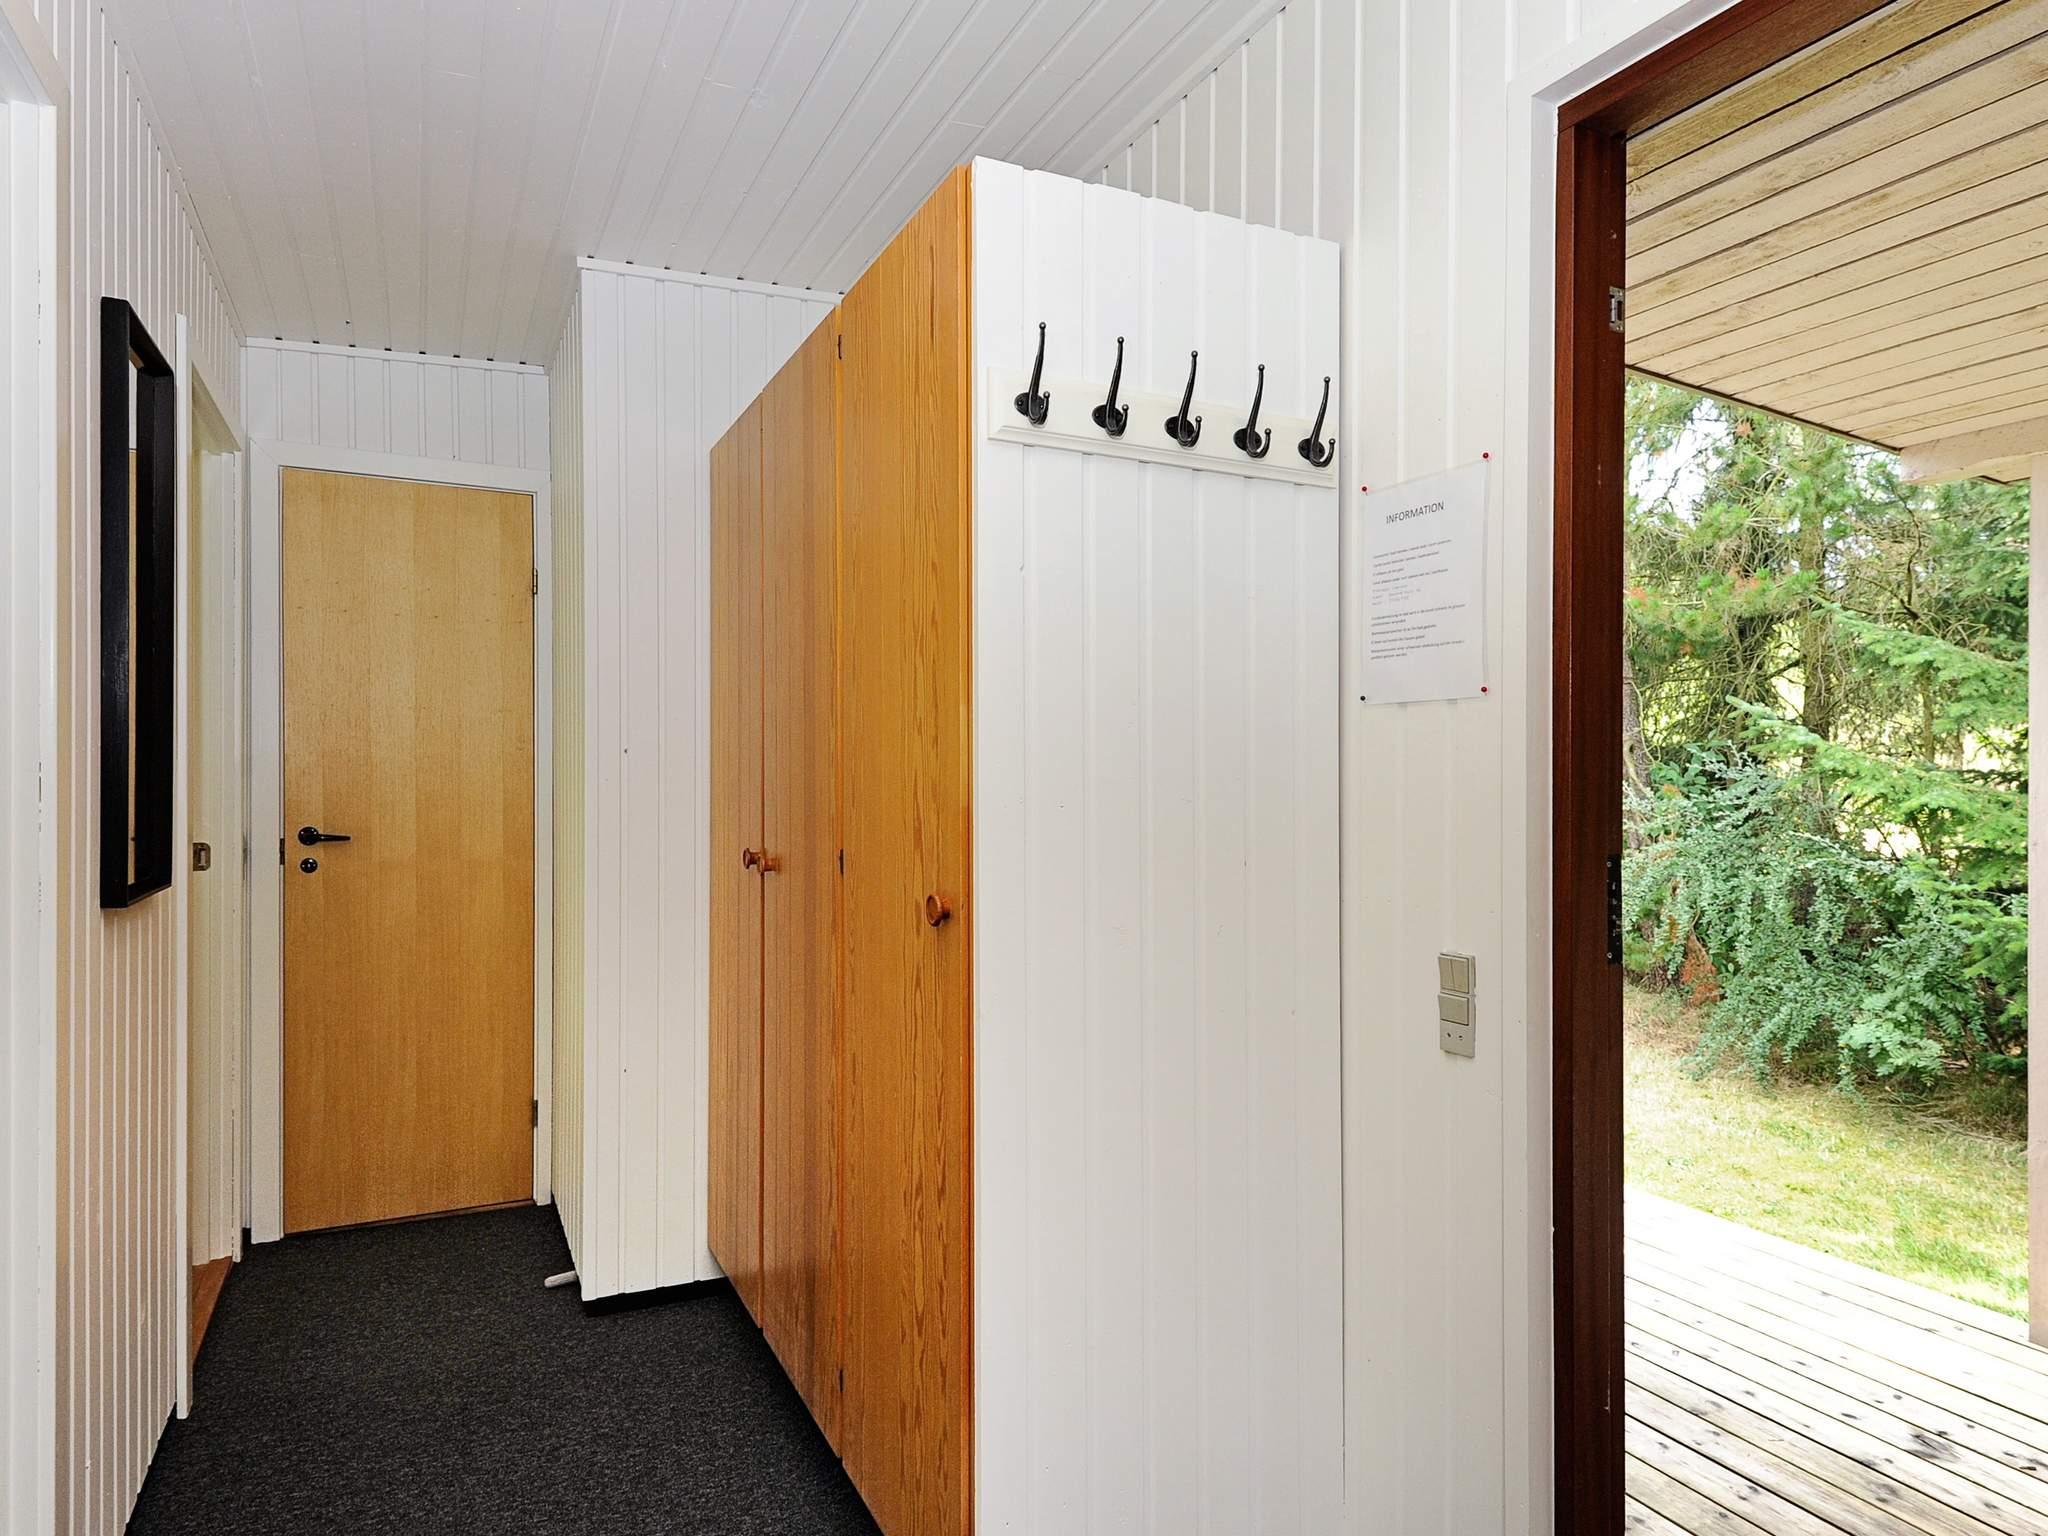 Ferienhaus Guldforhoved (647808), Guldforhoved, , Westjütland, Dänemark, Bild 10